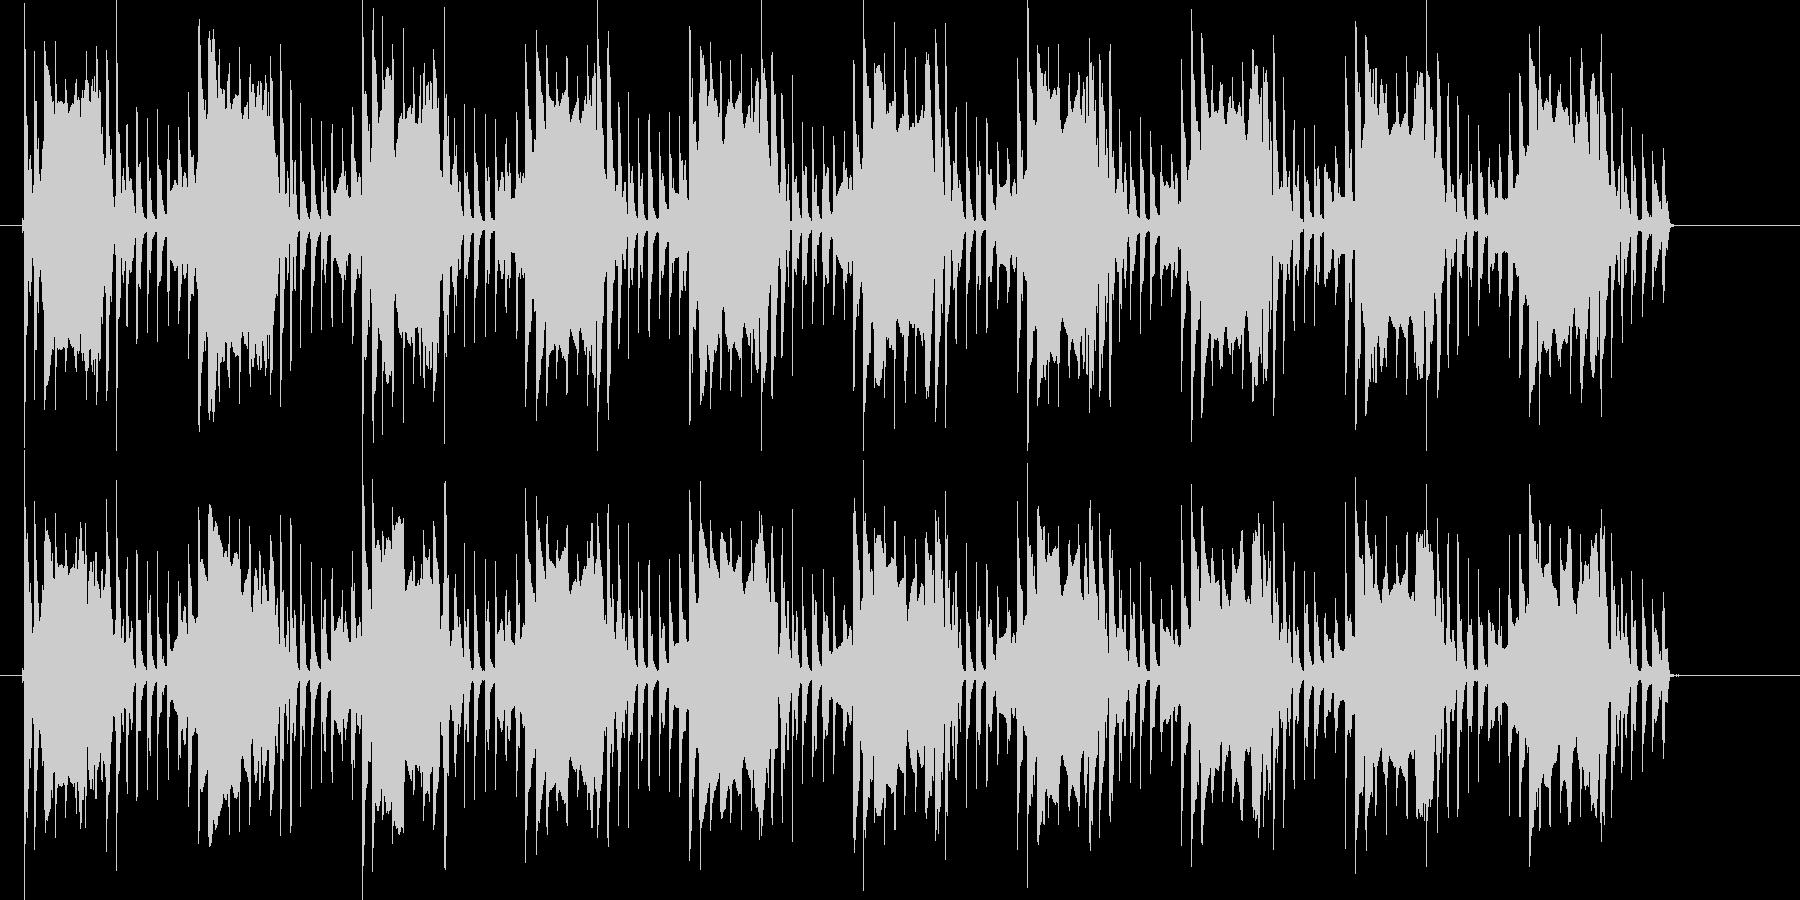 ピコピコン(電子音が繰り返される)の未再生の波形